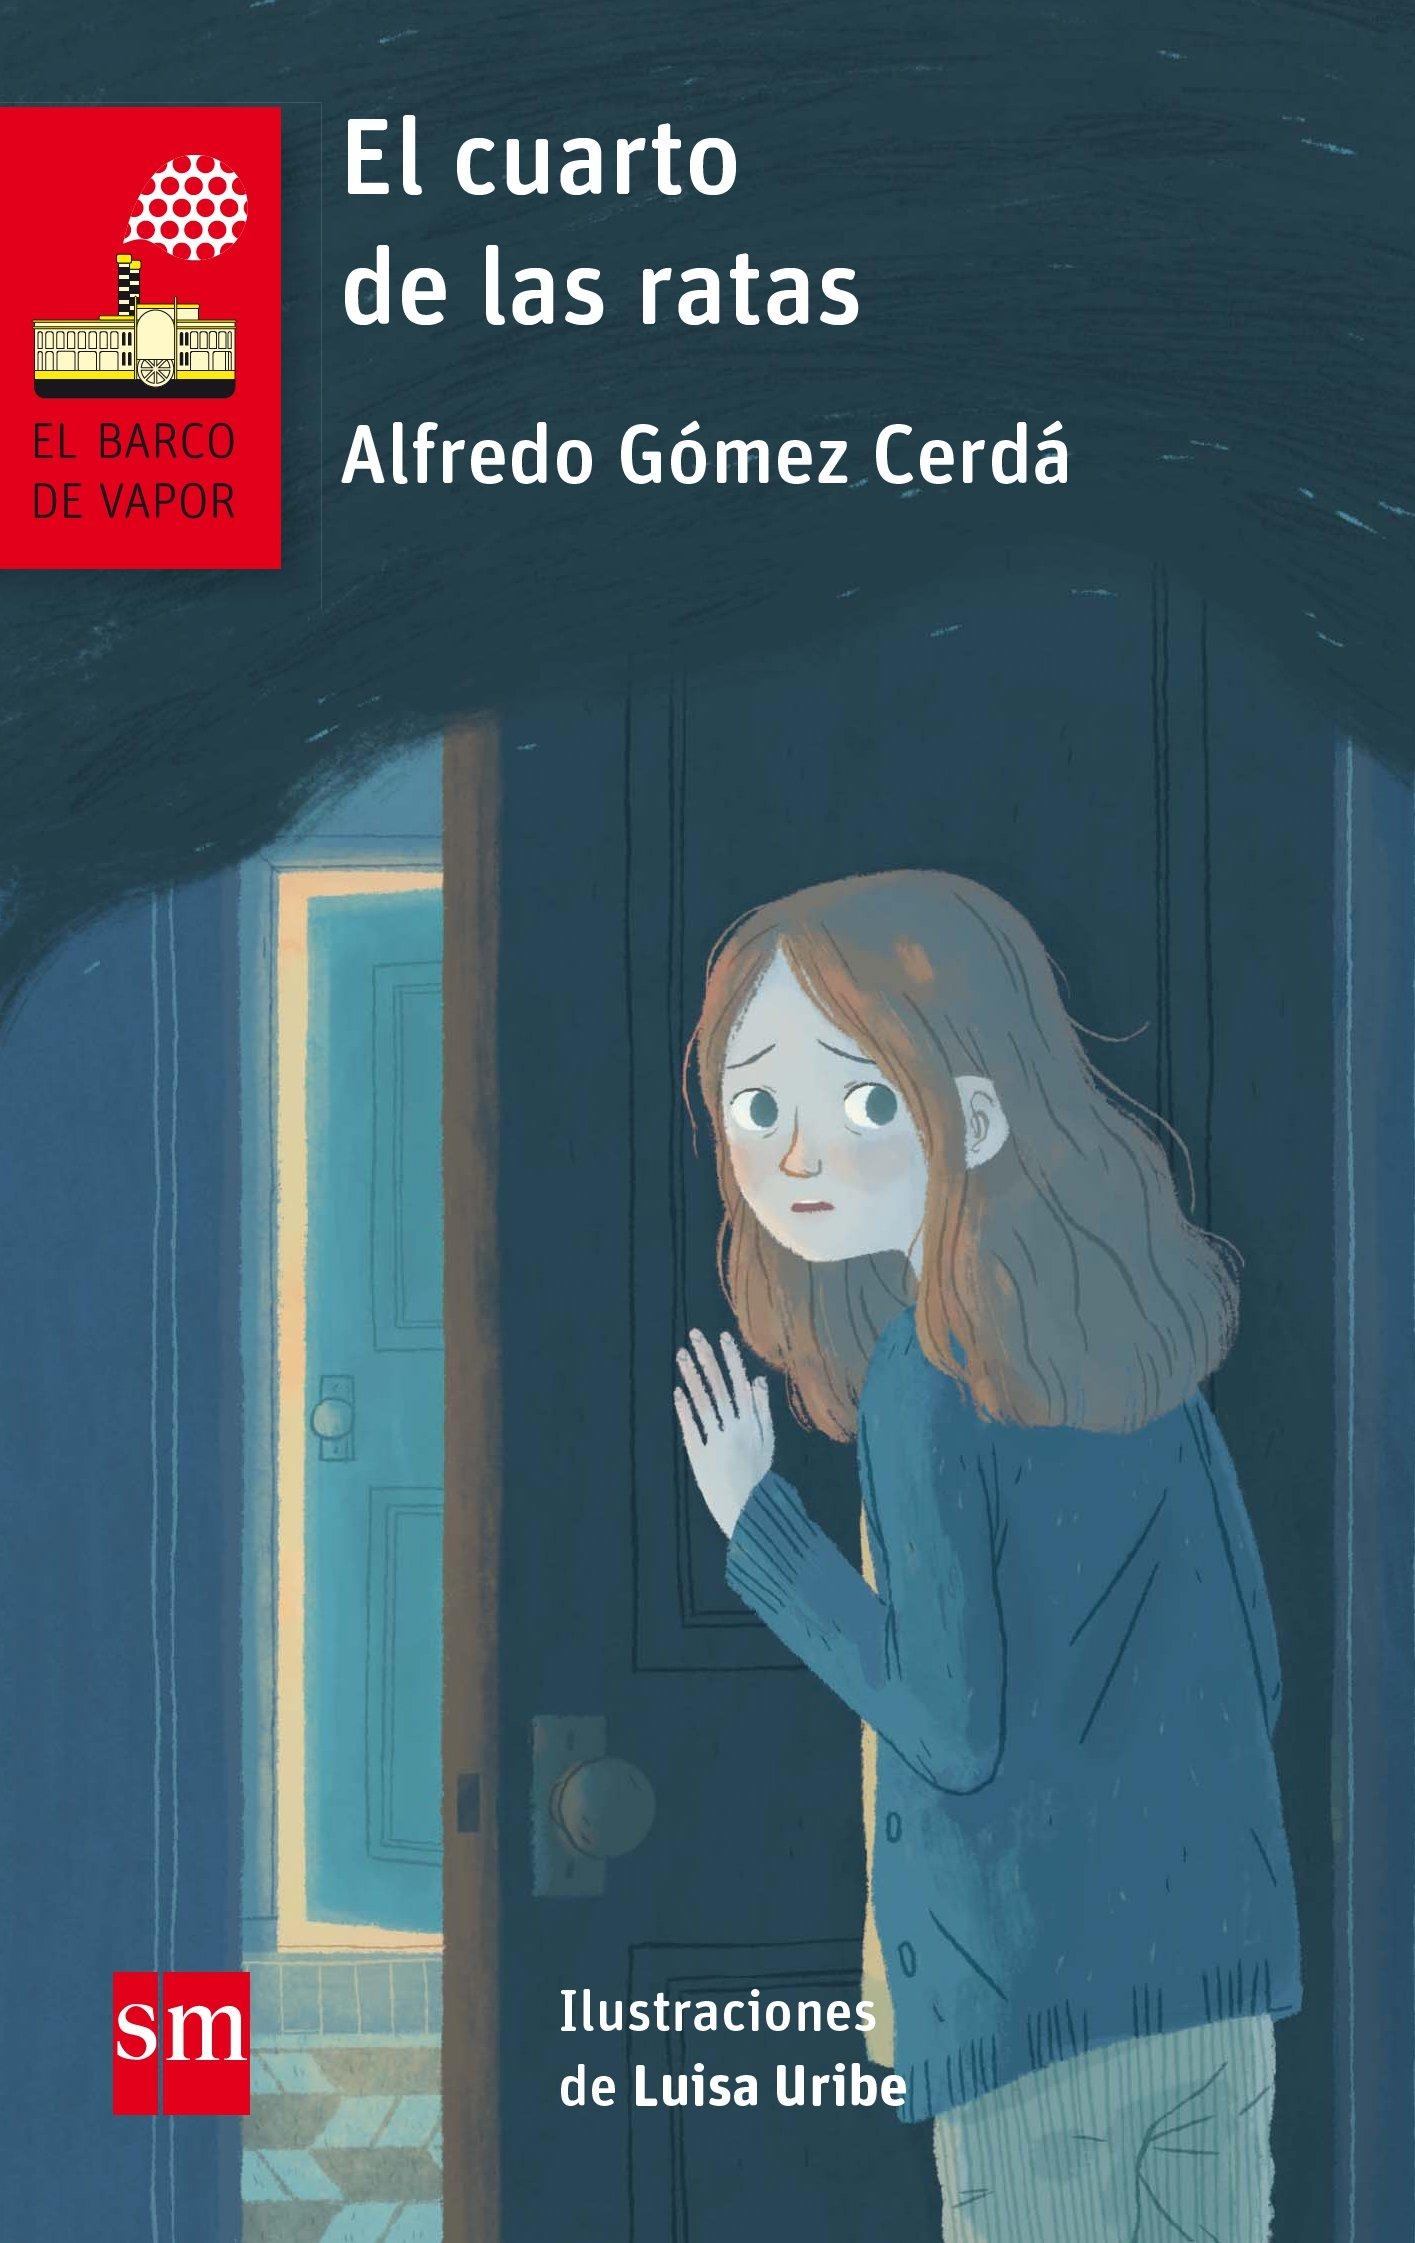 El cuarto de las ratas (El Barco de Vapor Roja): Amazon.es: Alfredo Gómez Cerdá, Luisa Uribe: Libros